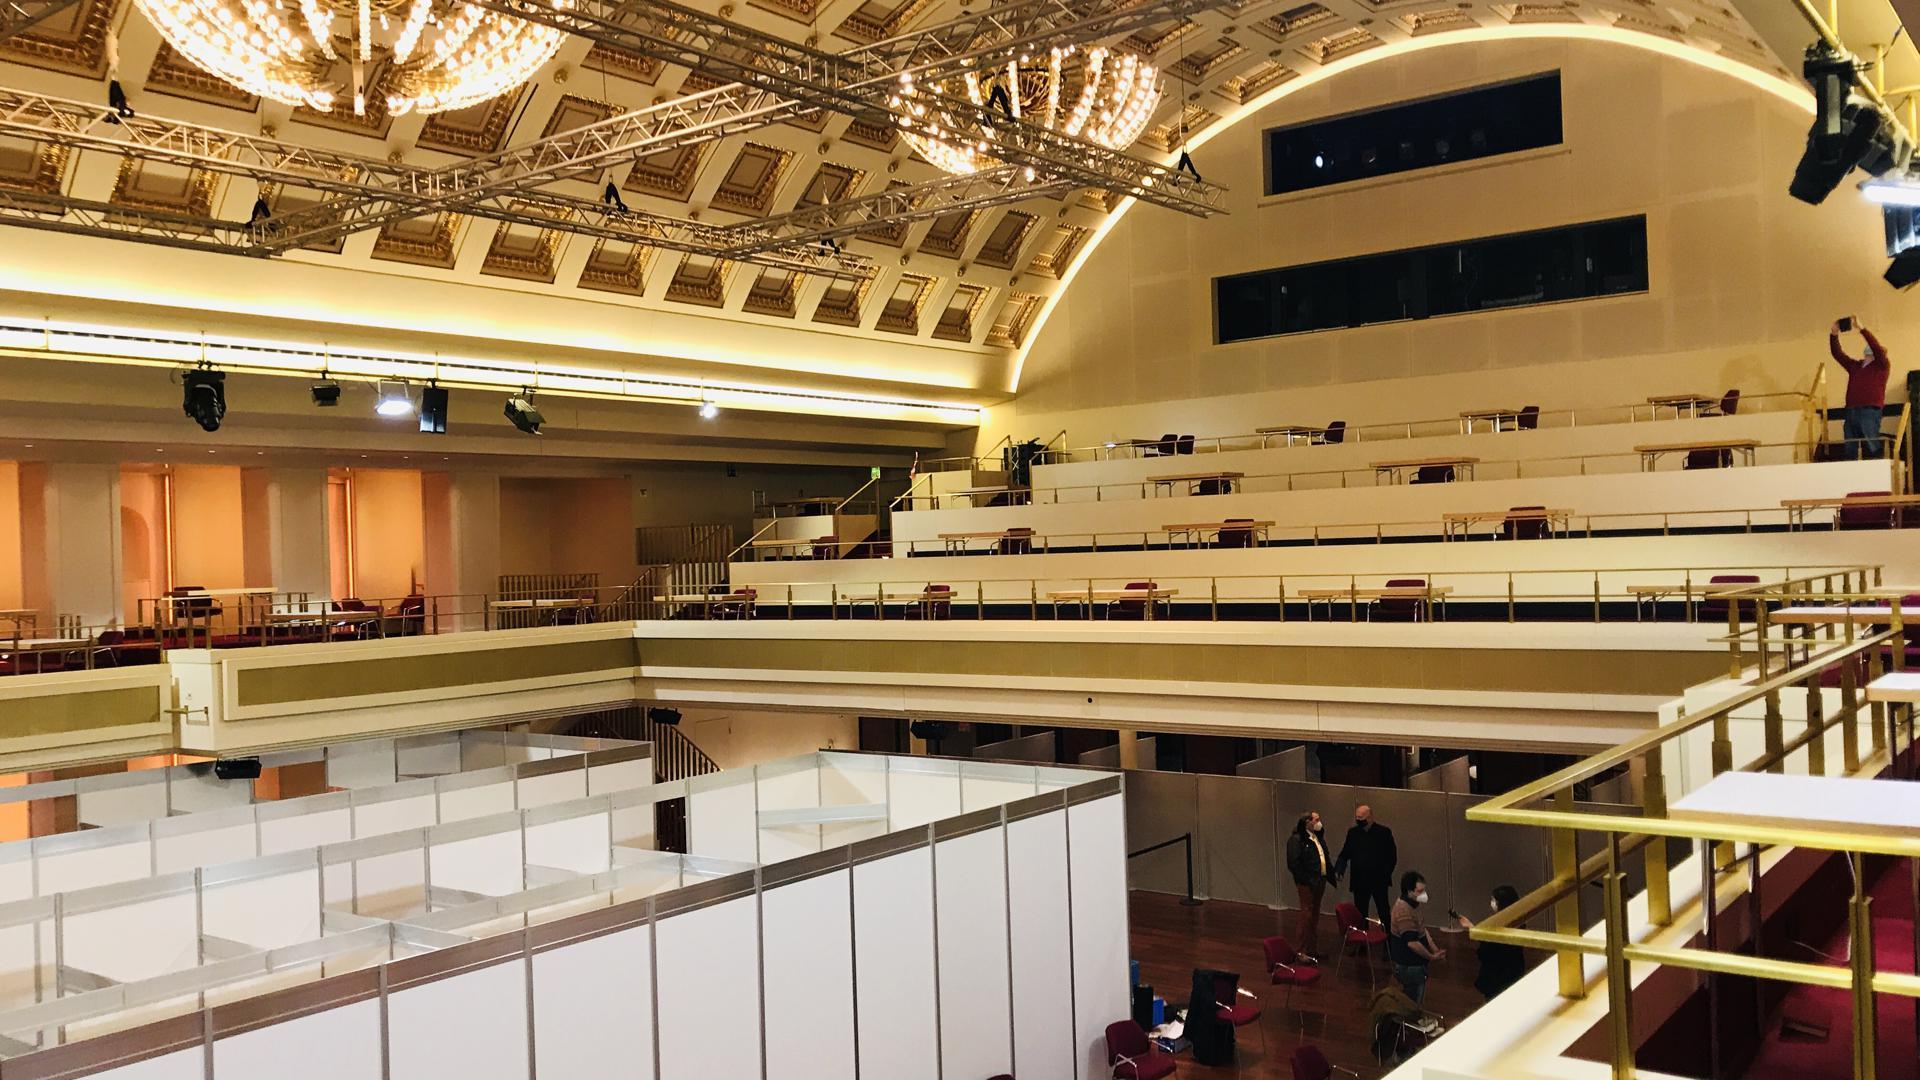 Blick in denBénazetsaal des Kurhauses, der für das Impfzentrum im Stadtkreis Baden-Baden mitbenutzt wird.